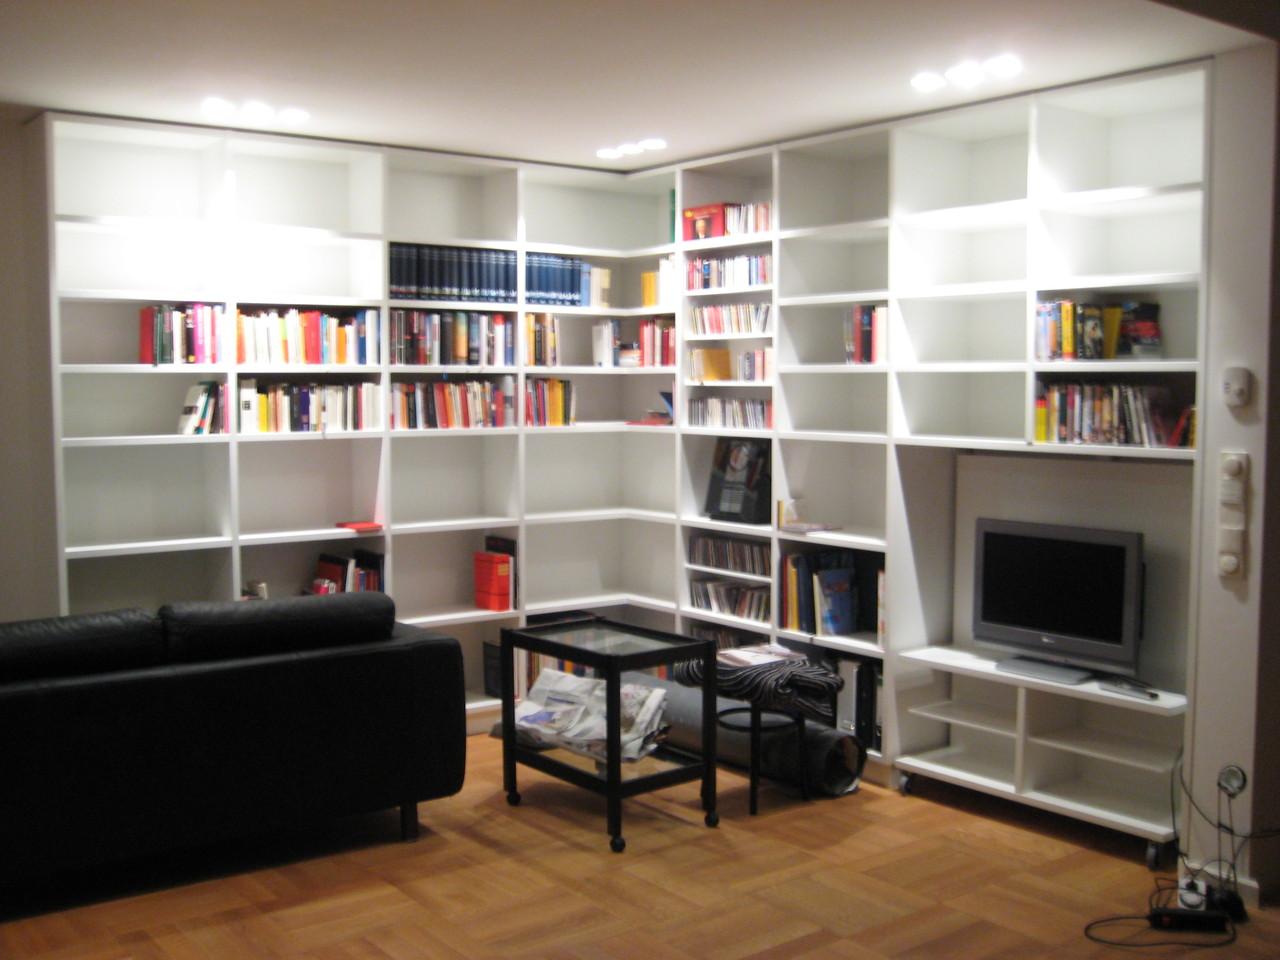 regale mirko danckwerts m belgestaltung. Black Bedroom Furniture Sets. Home Design Ideas